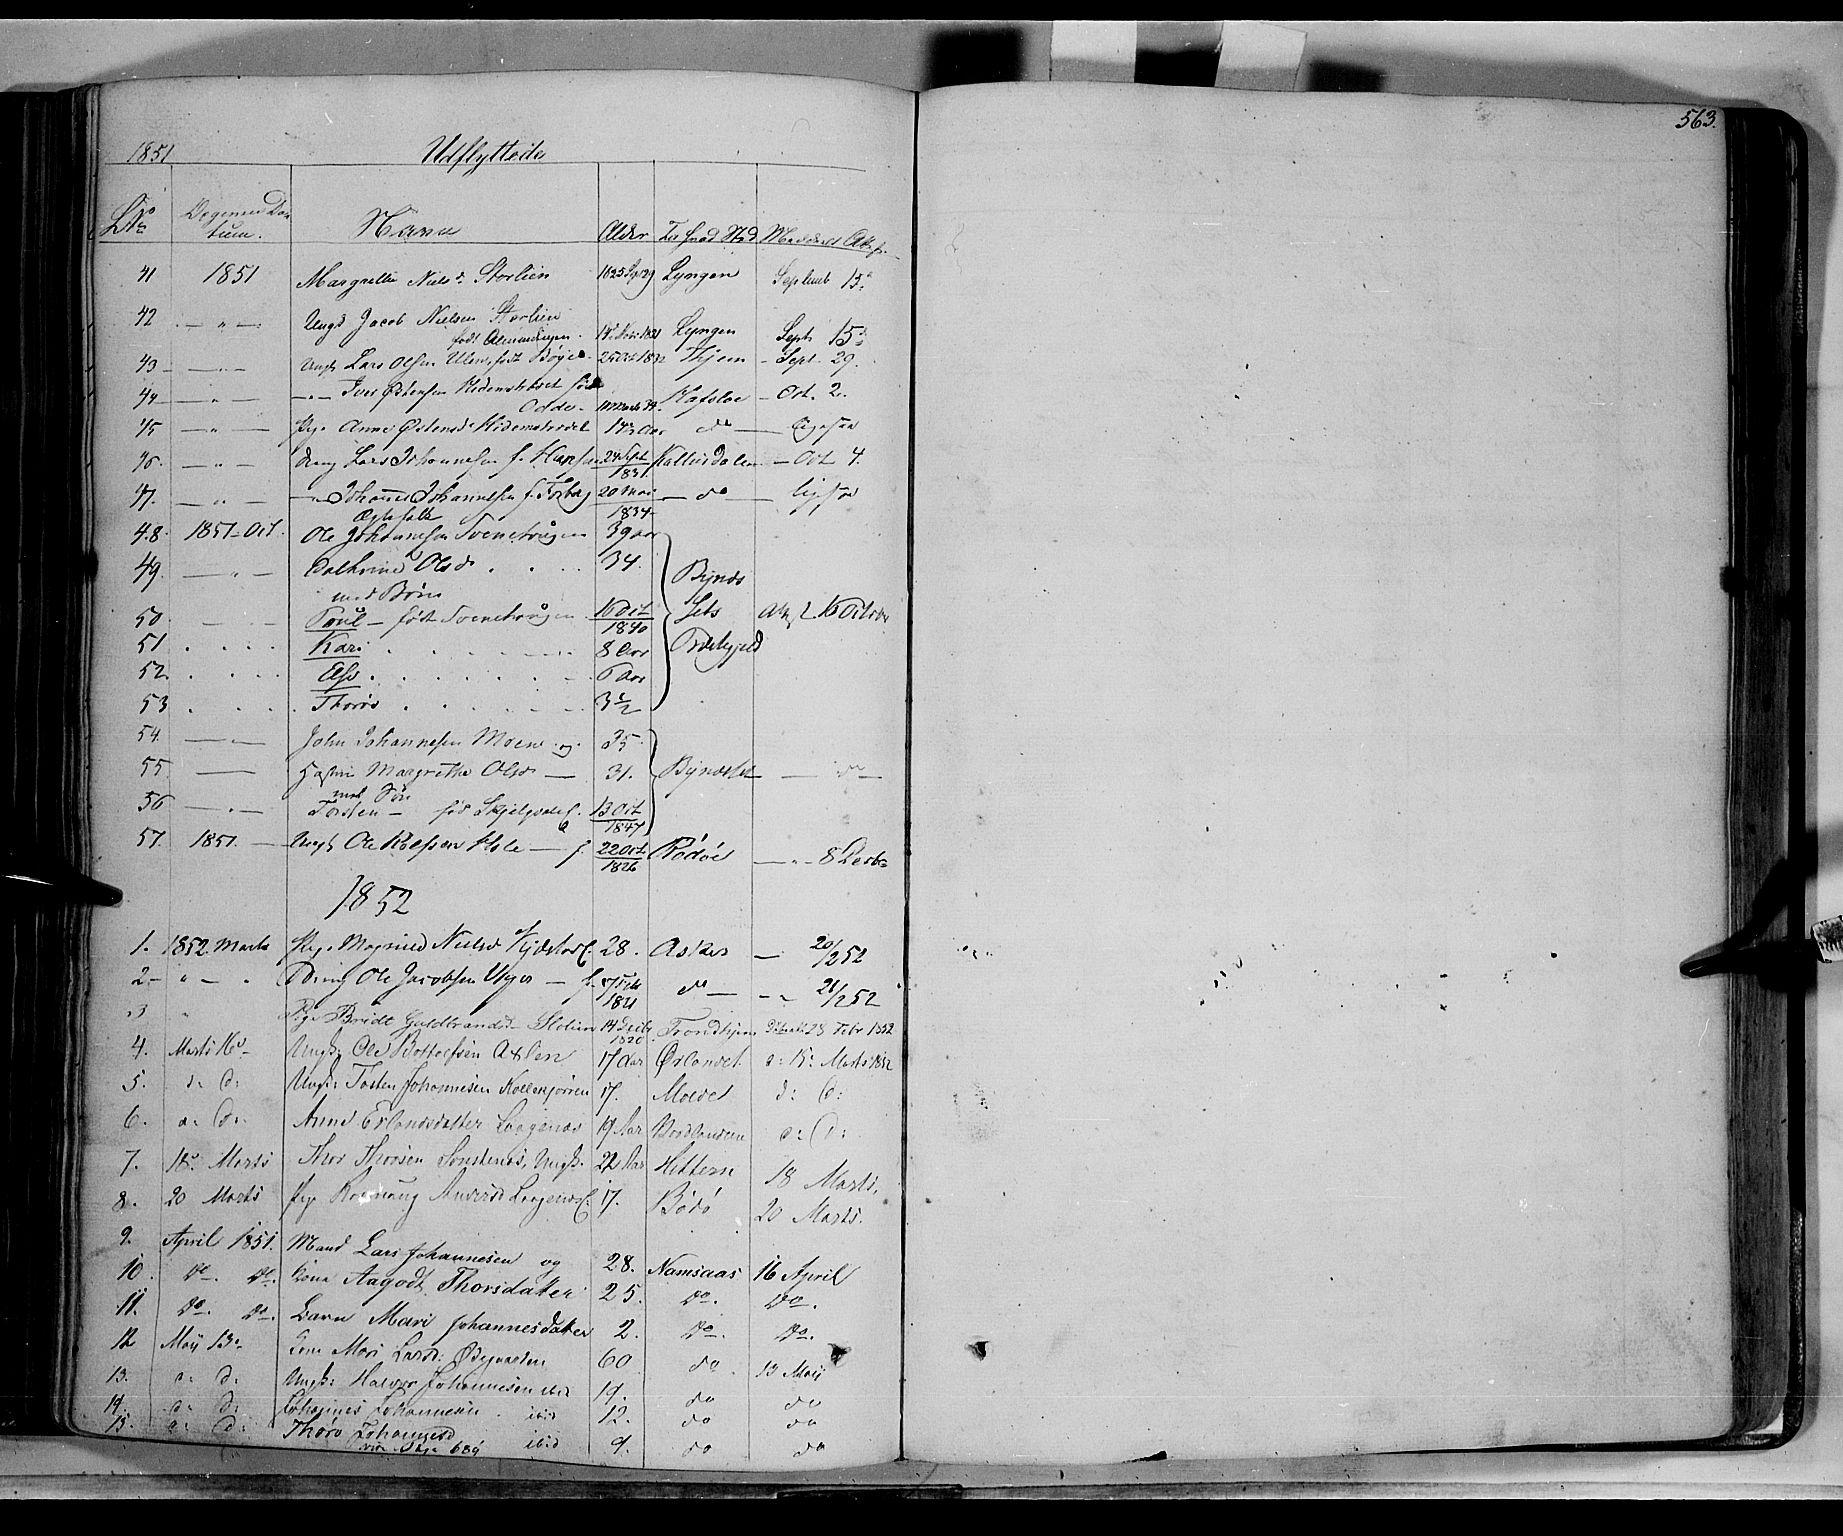 SAH, Lom prestekontor, K/L0006: Ministerialbok nr. 6B, 1837-1863, s. 563